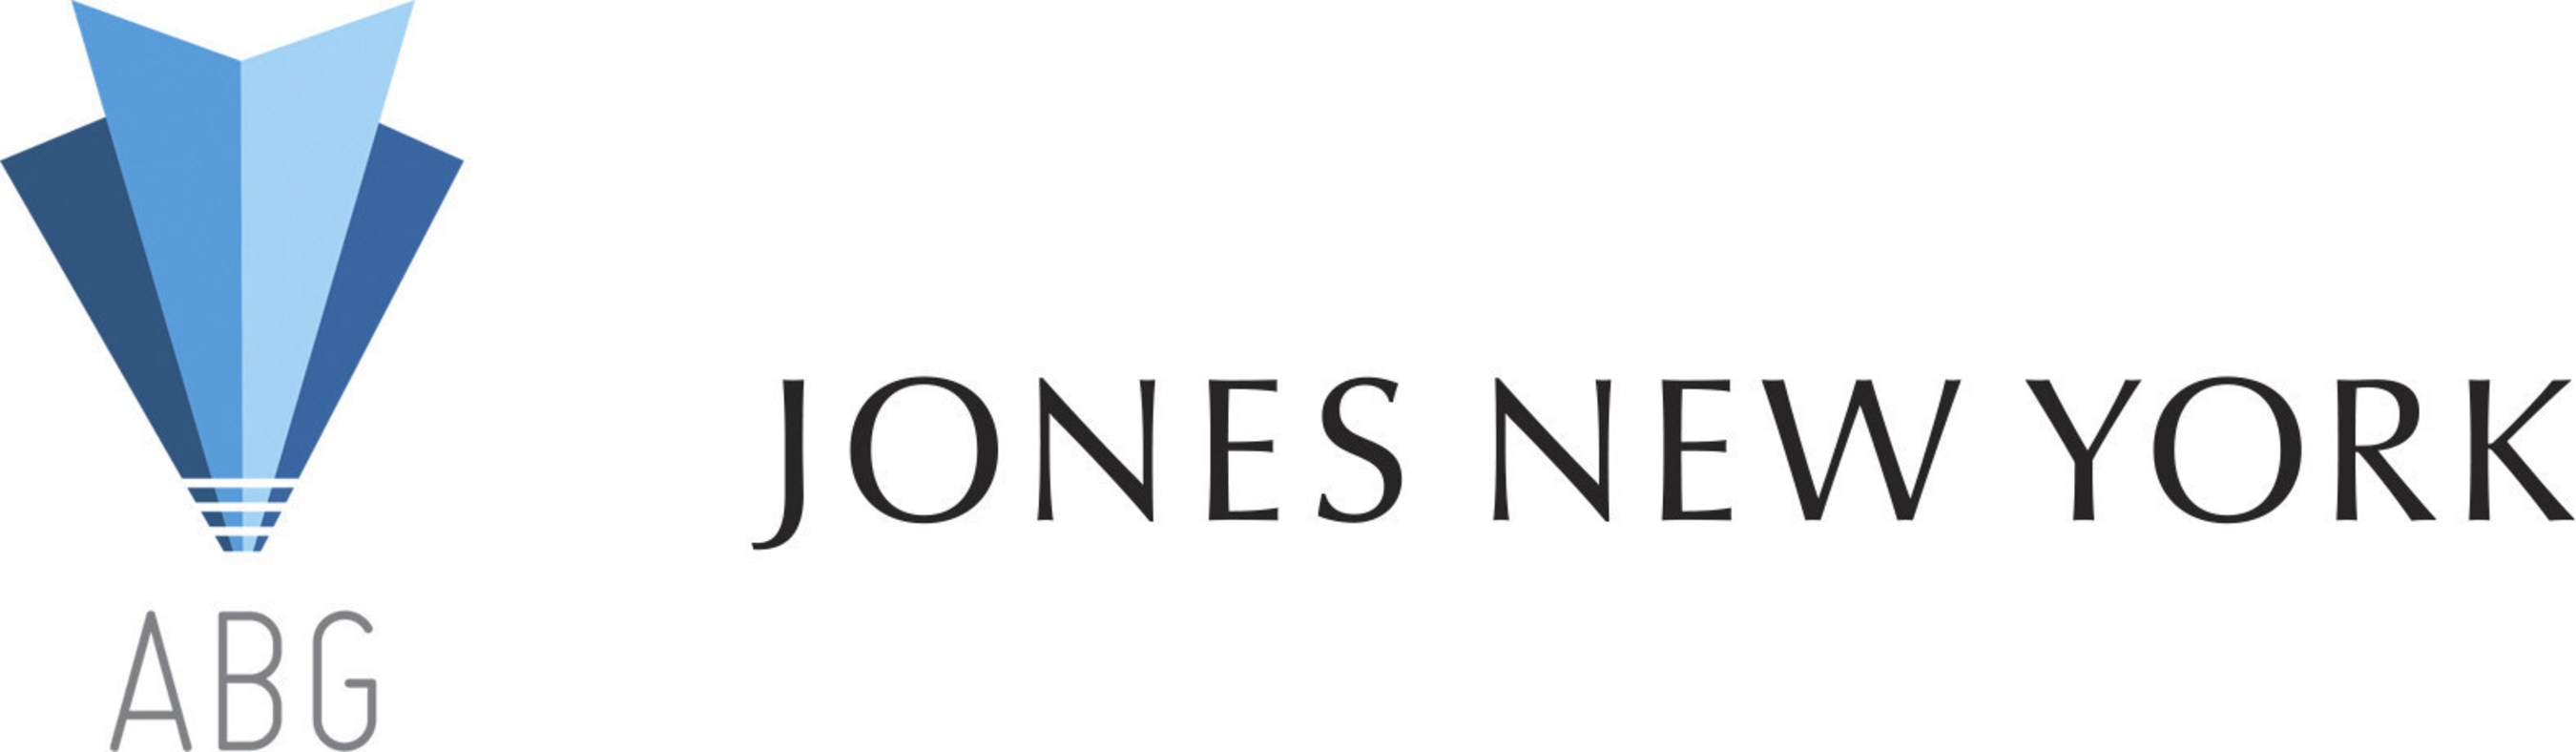 ABG acquiert Jones New York et fait appel à Mark Weber, ancien PDG de LVMH Inc., comme conseiller